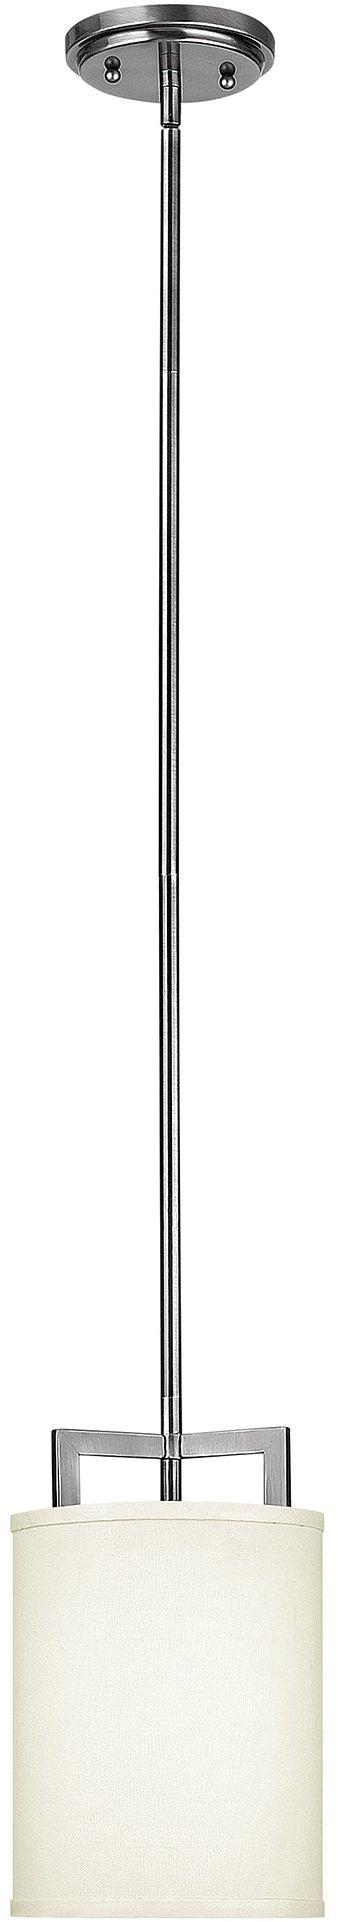 Hampton lampa wisząca srebrna HK-HAMPTON-P-A - Hinkley // Rabaty w koszyku i darmowa dostawa od 299zł !